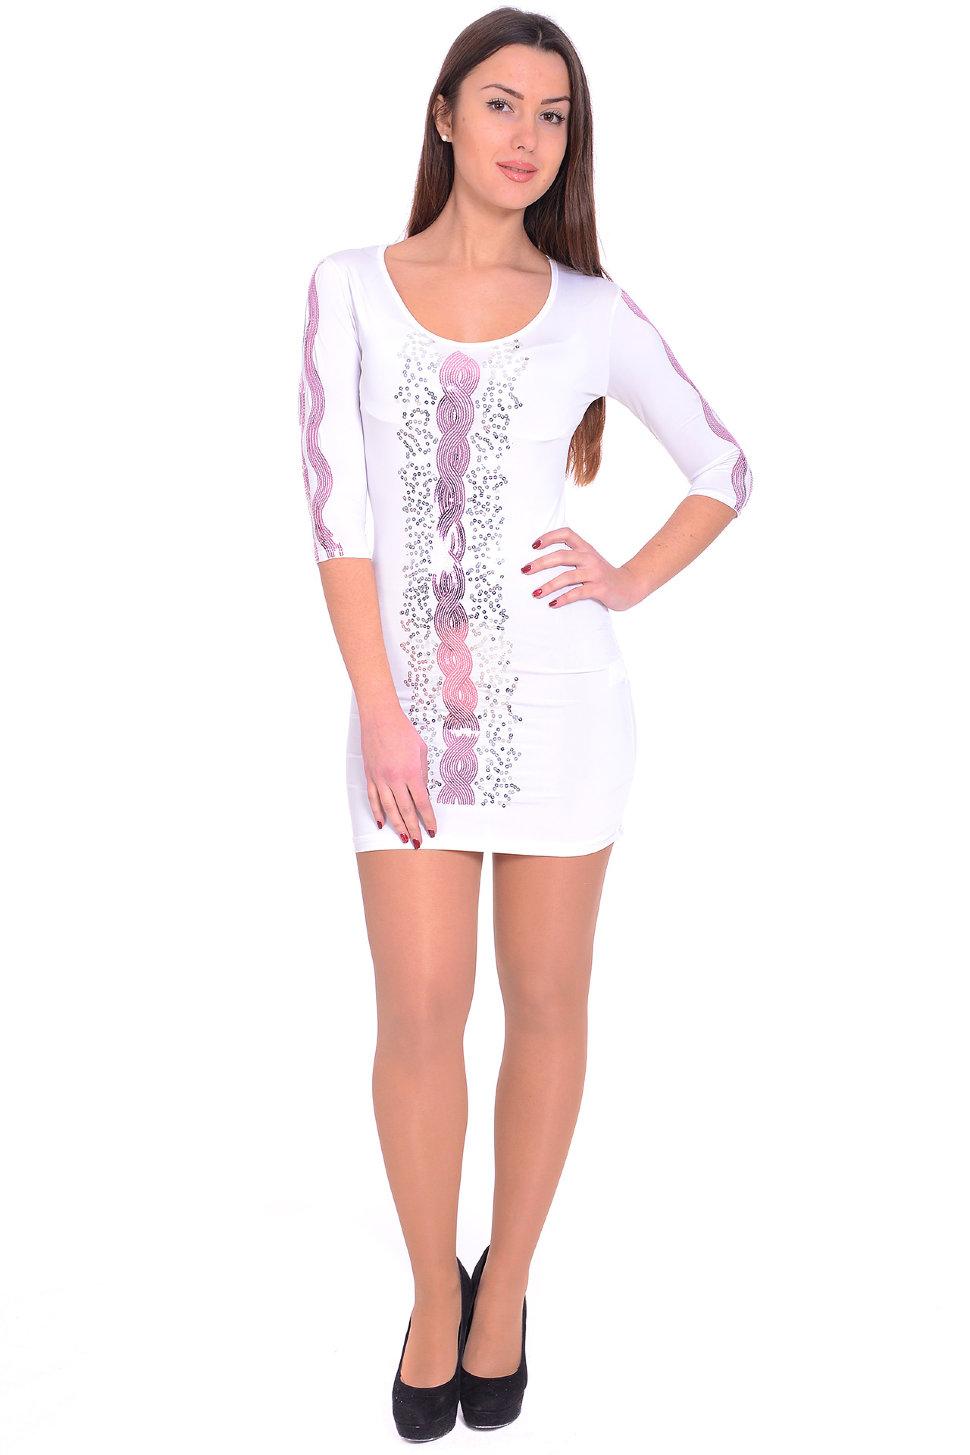 Купить Оптом Женская Одежда От Производителя Россия